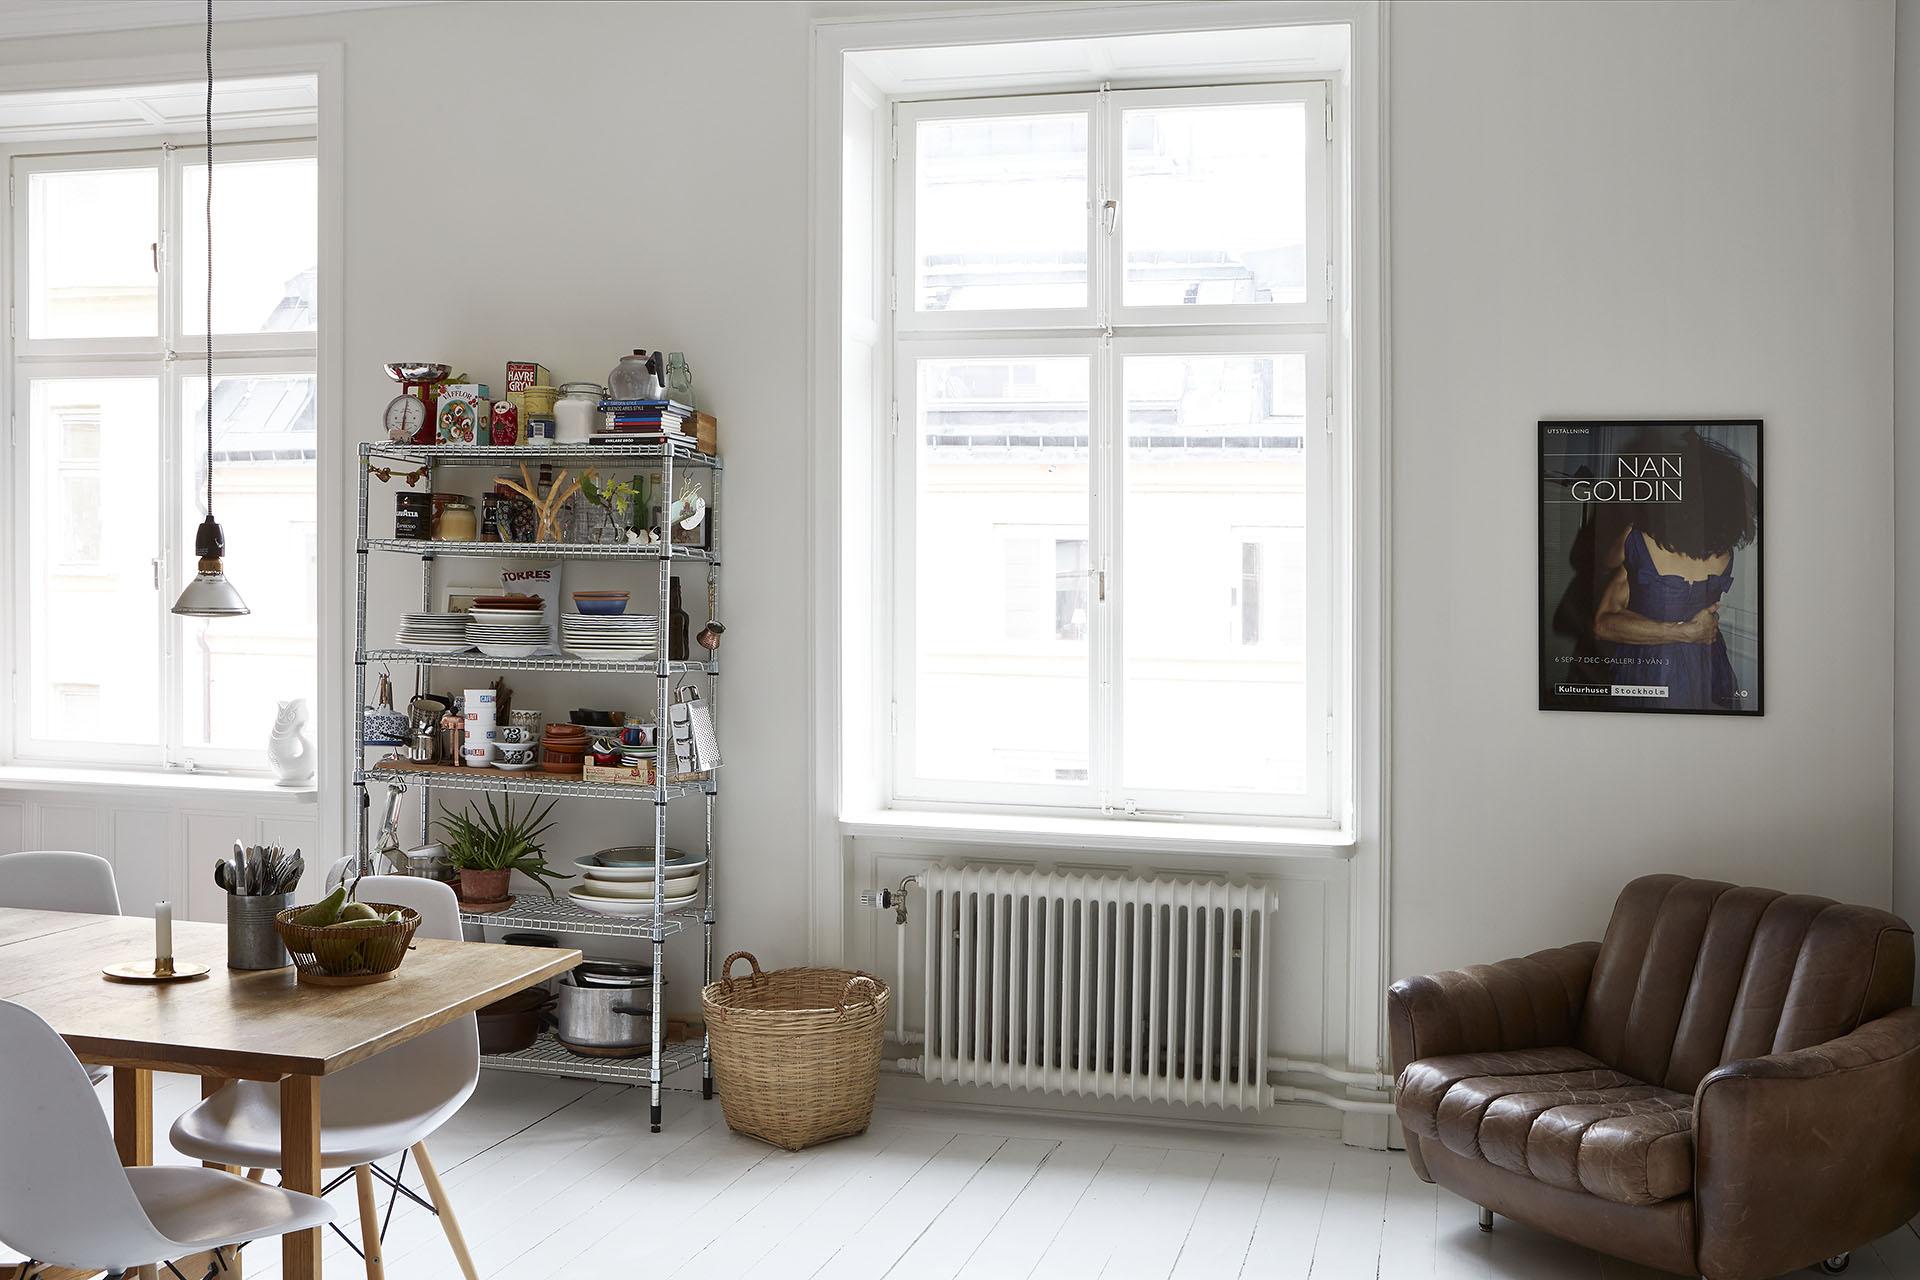 Apartamento nordico-industrial en Estocolmo 03